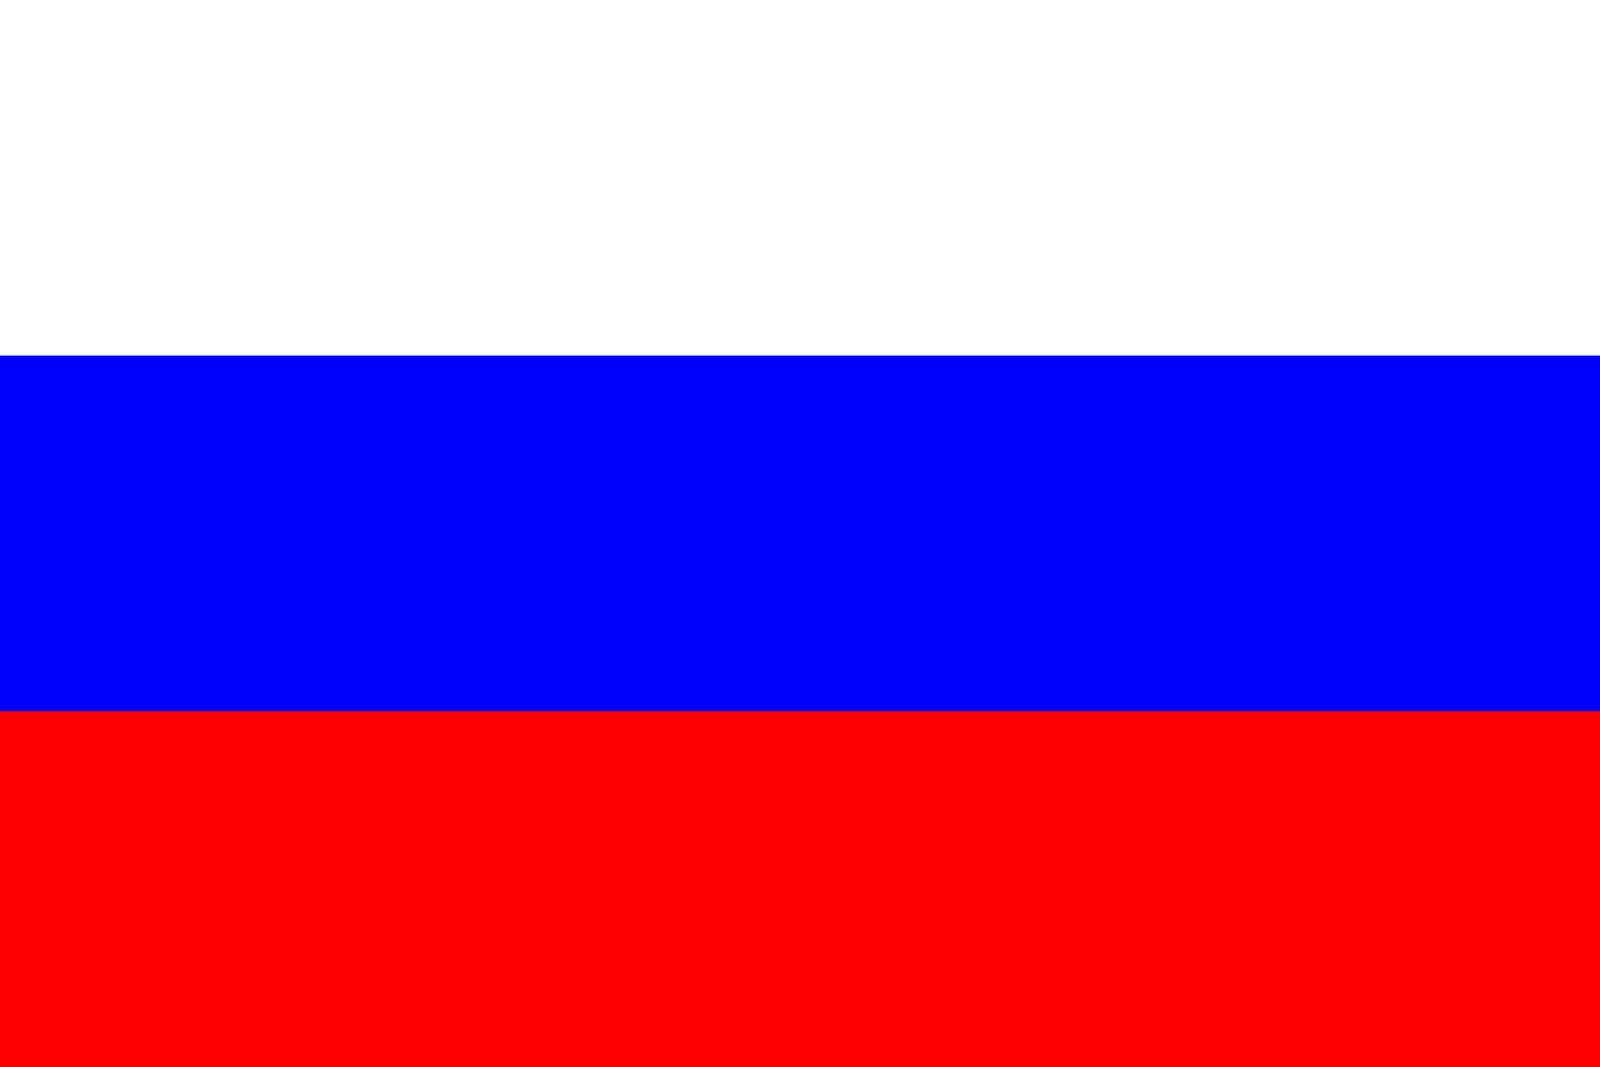 Russische Weihnachtsgedichte Für Kinder.Kinderweltreise ǀ Russland Typisch Russisch